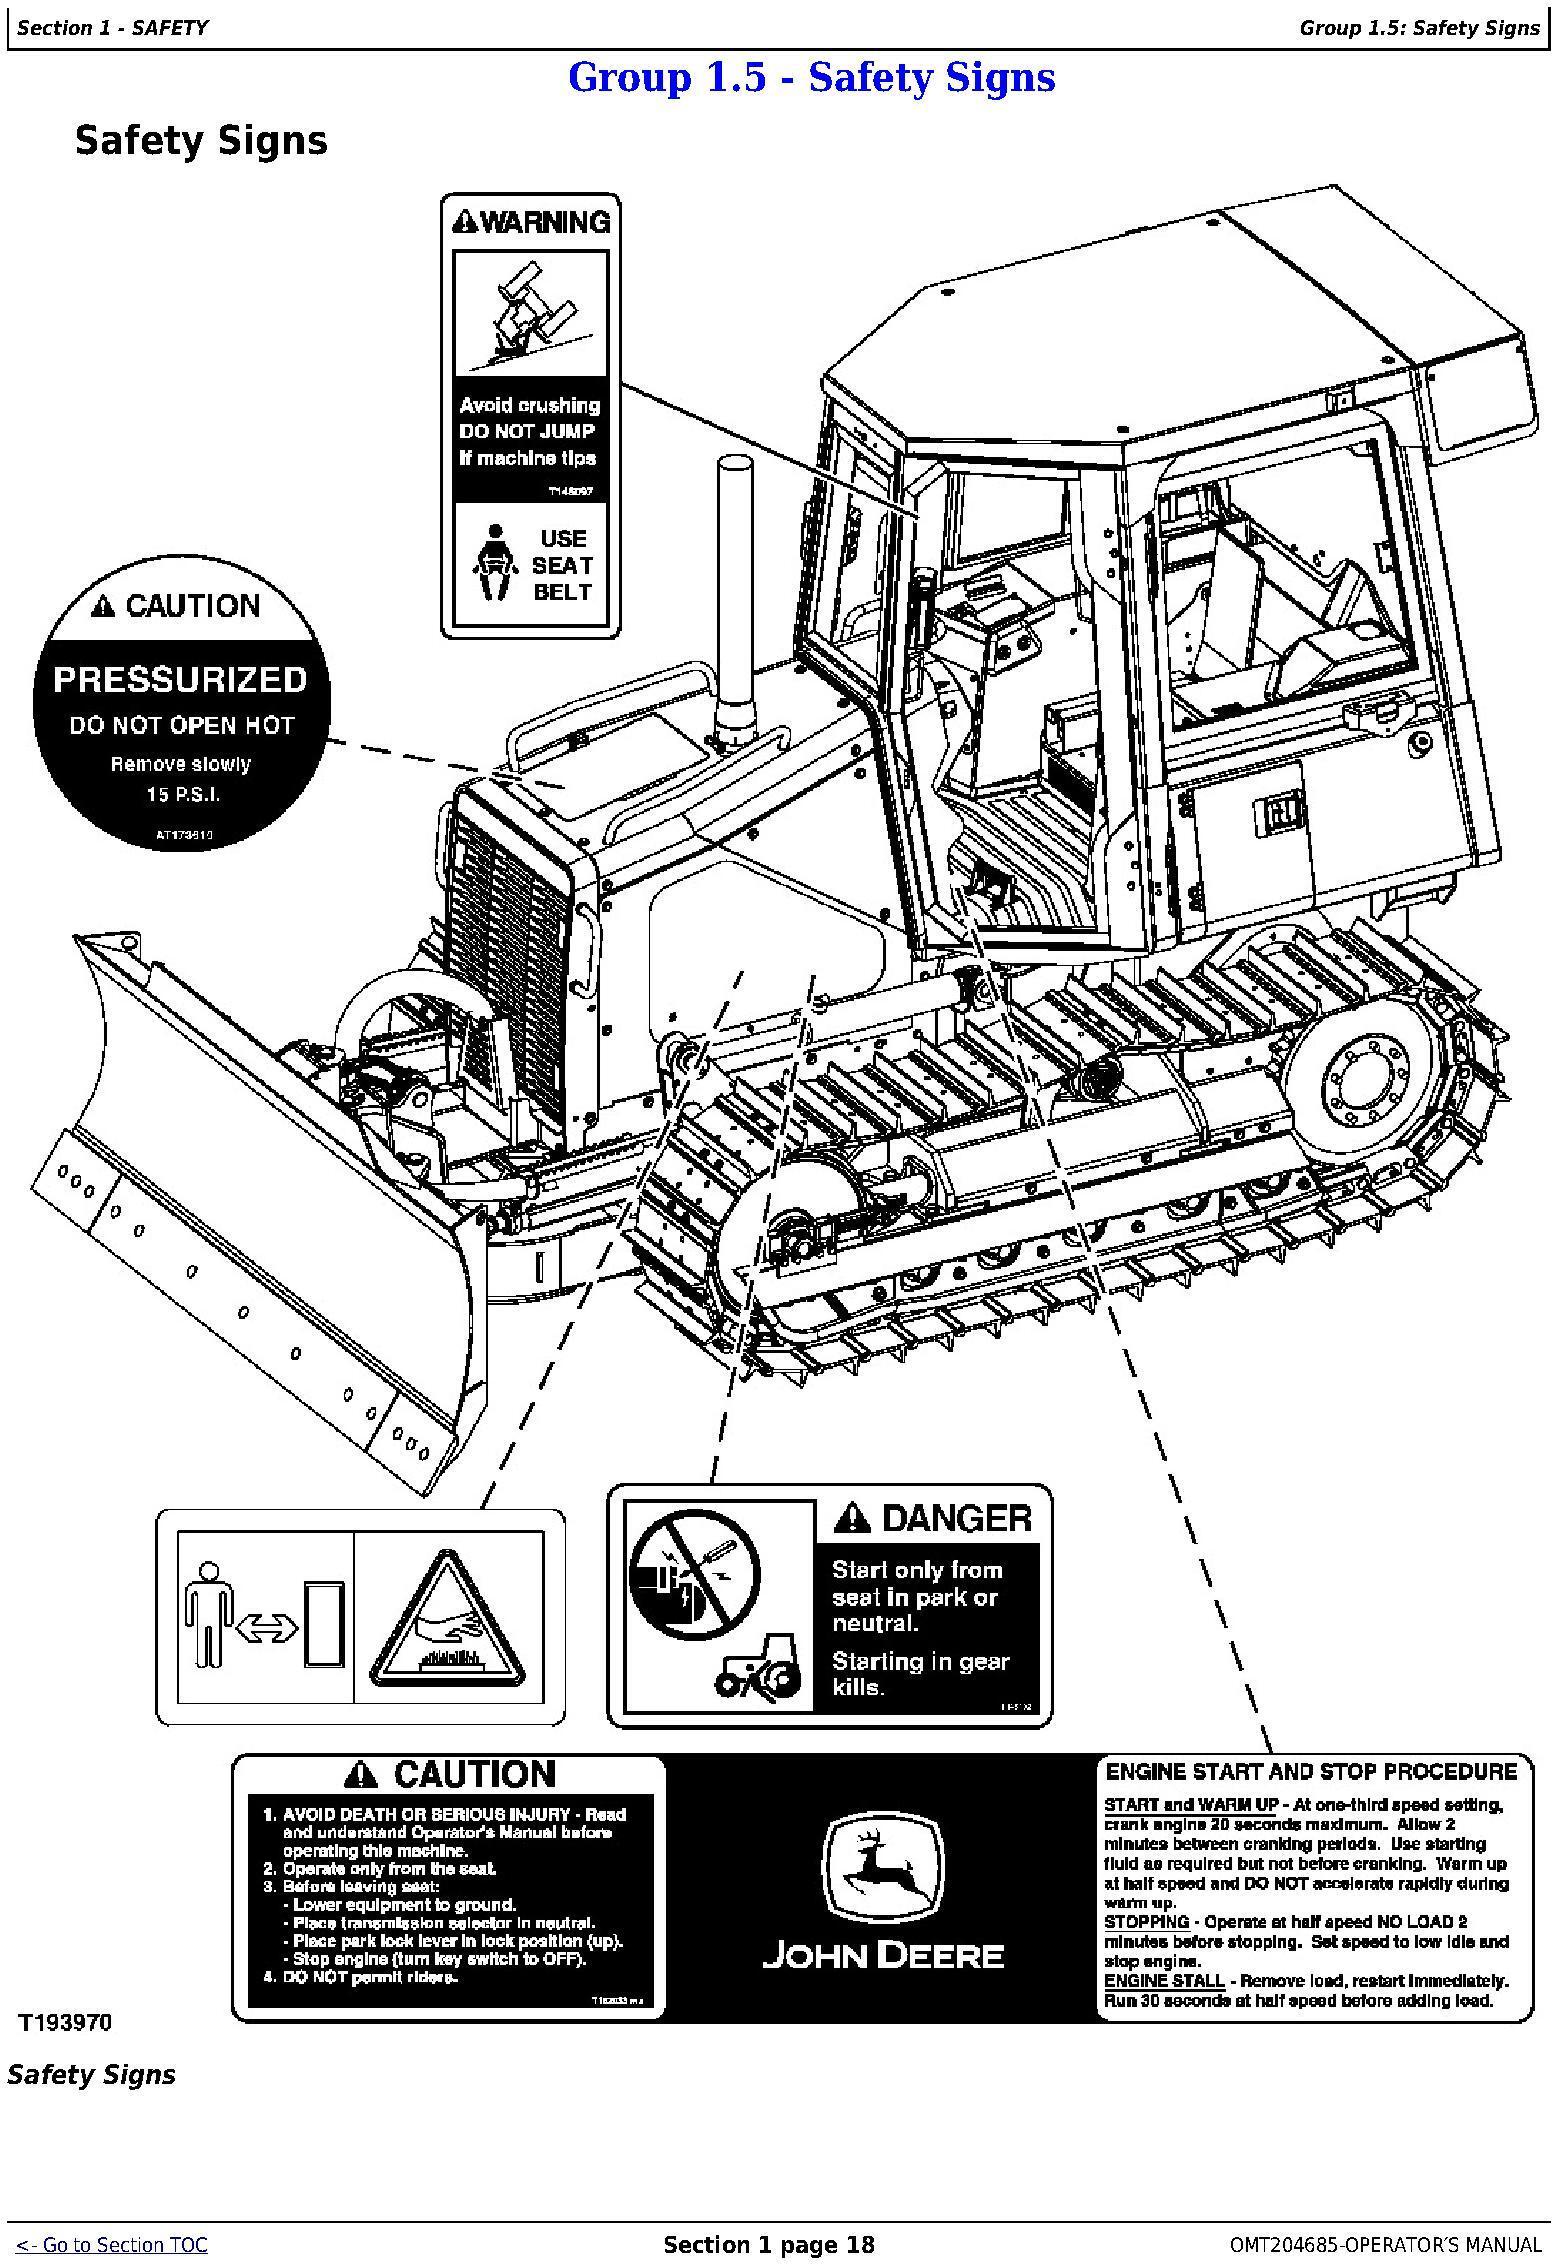 OMT204685 - John Deere 450J, 550J, and 650J Crawler Dozer (S.N. before 159986) Operators Manual - 1